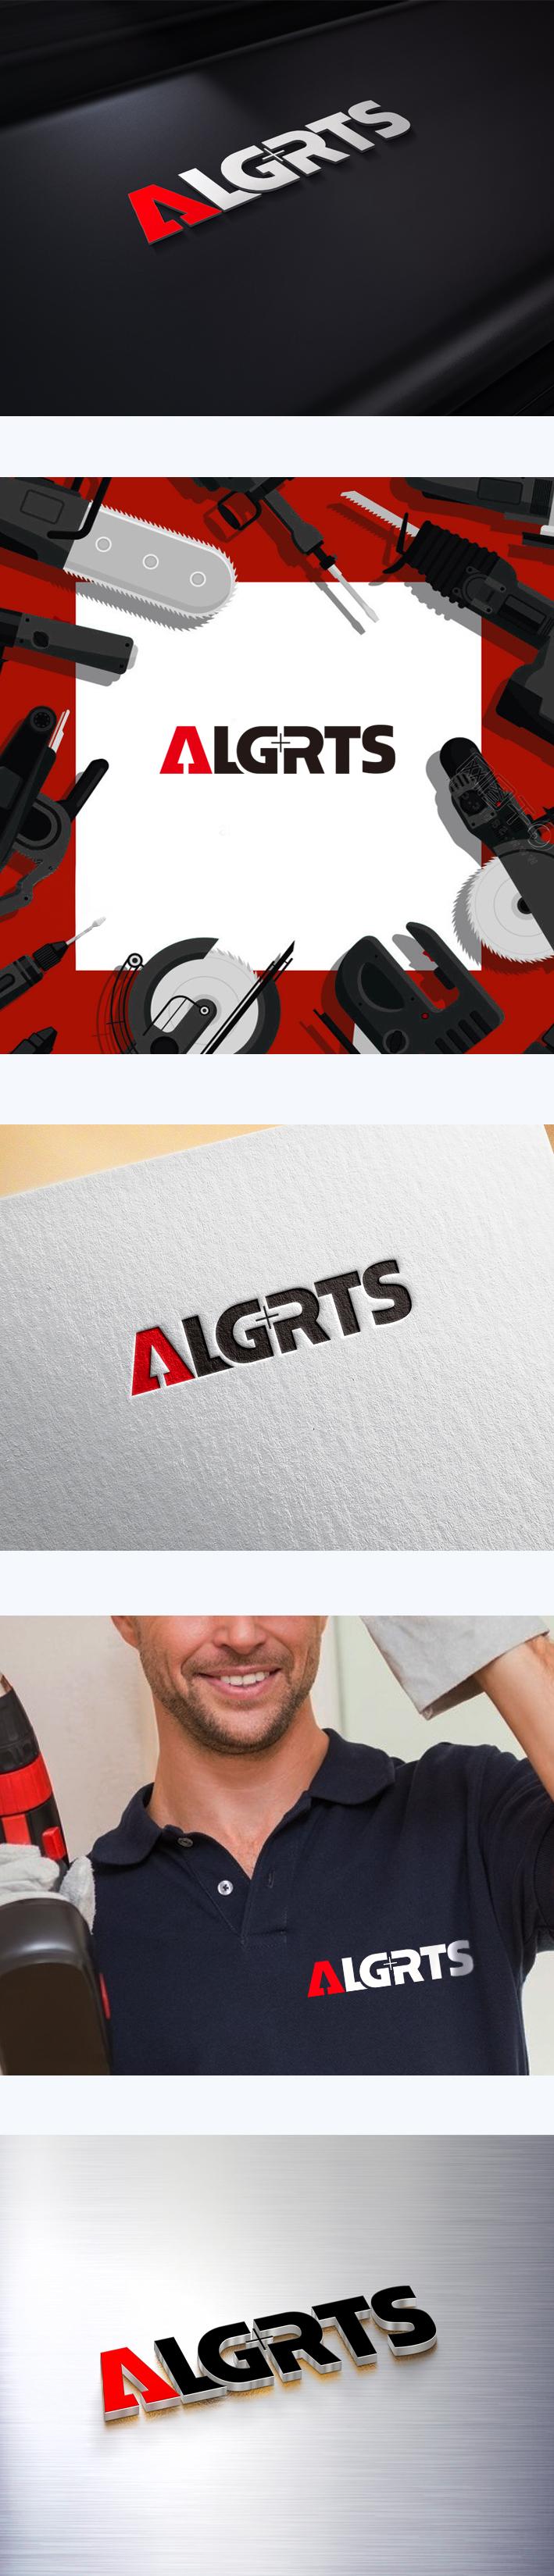 商标logo(内容有补充)_3035972_k68威客网